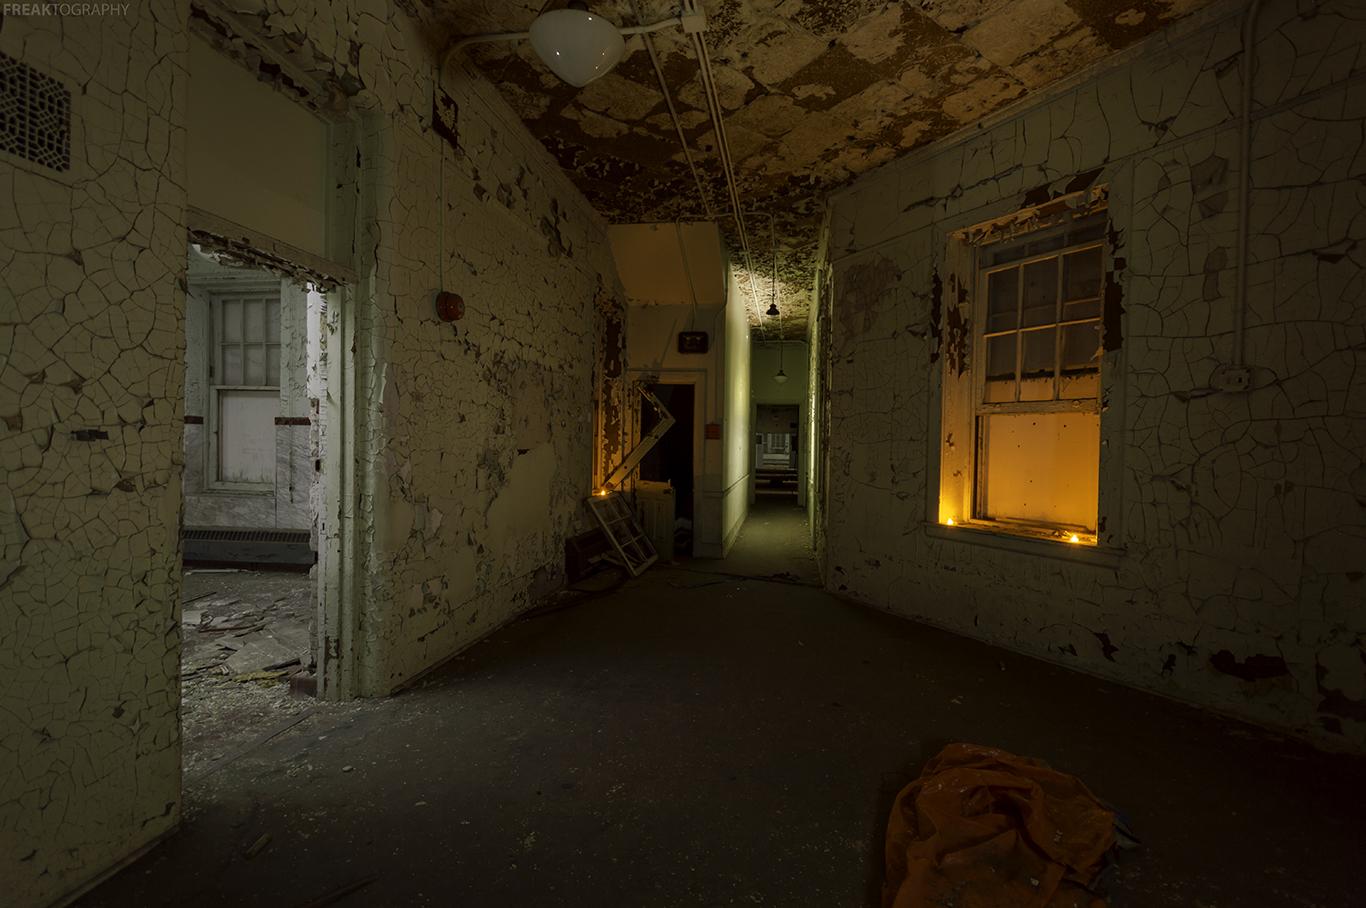 Abandoned mental hospitals tumblr